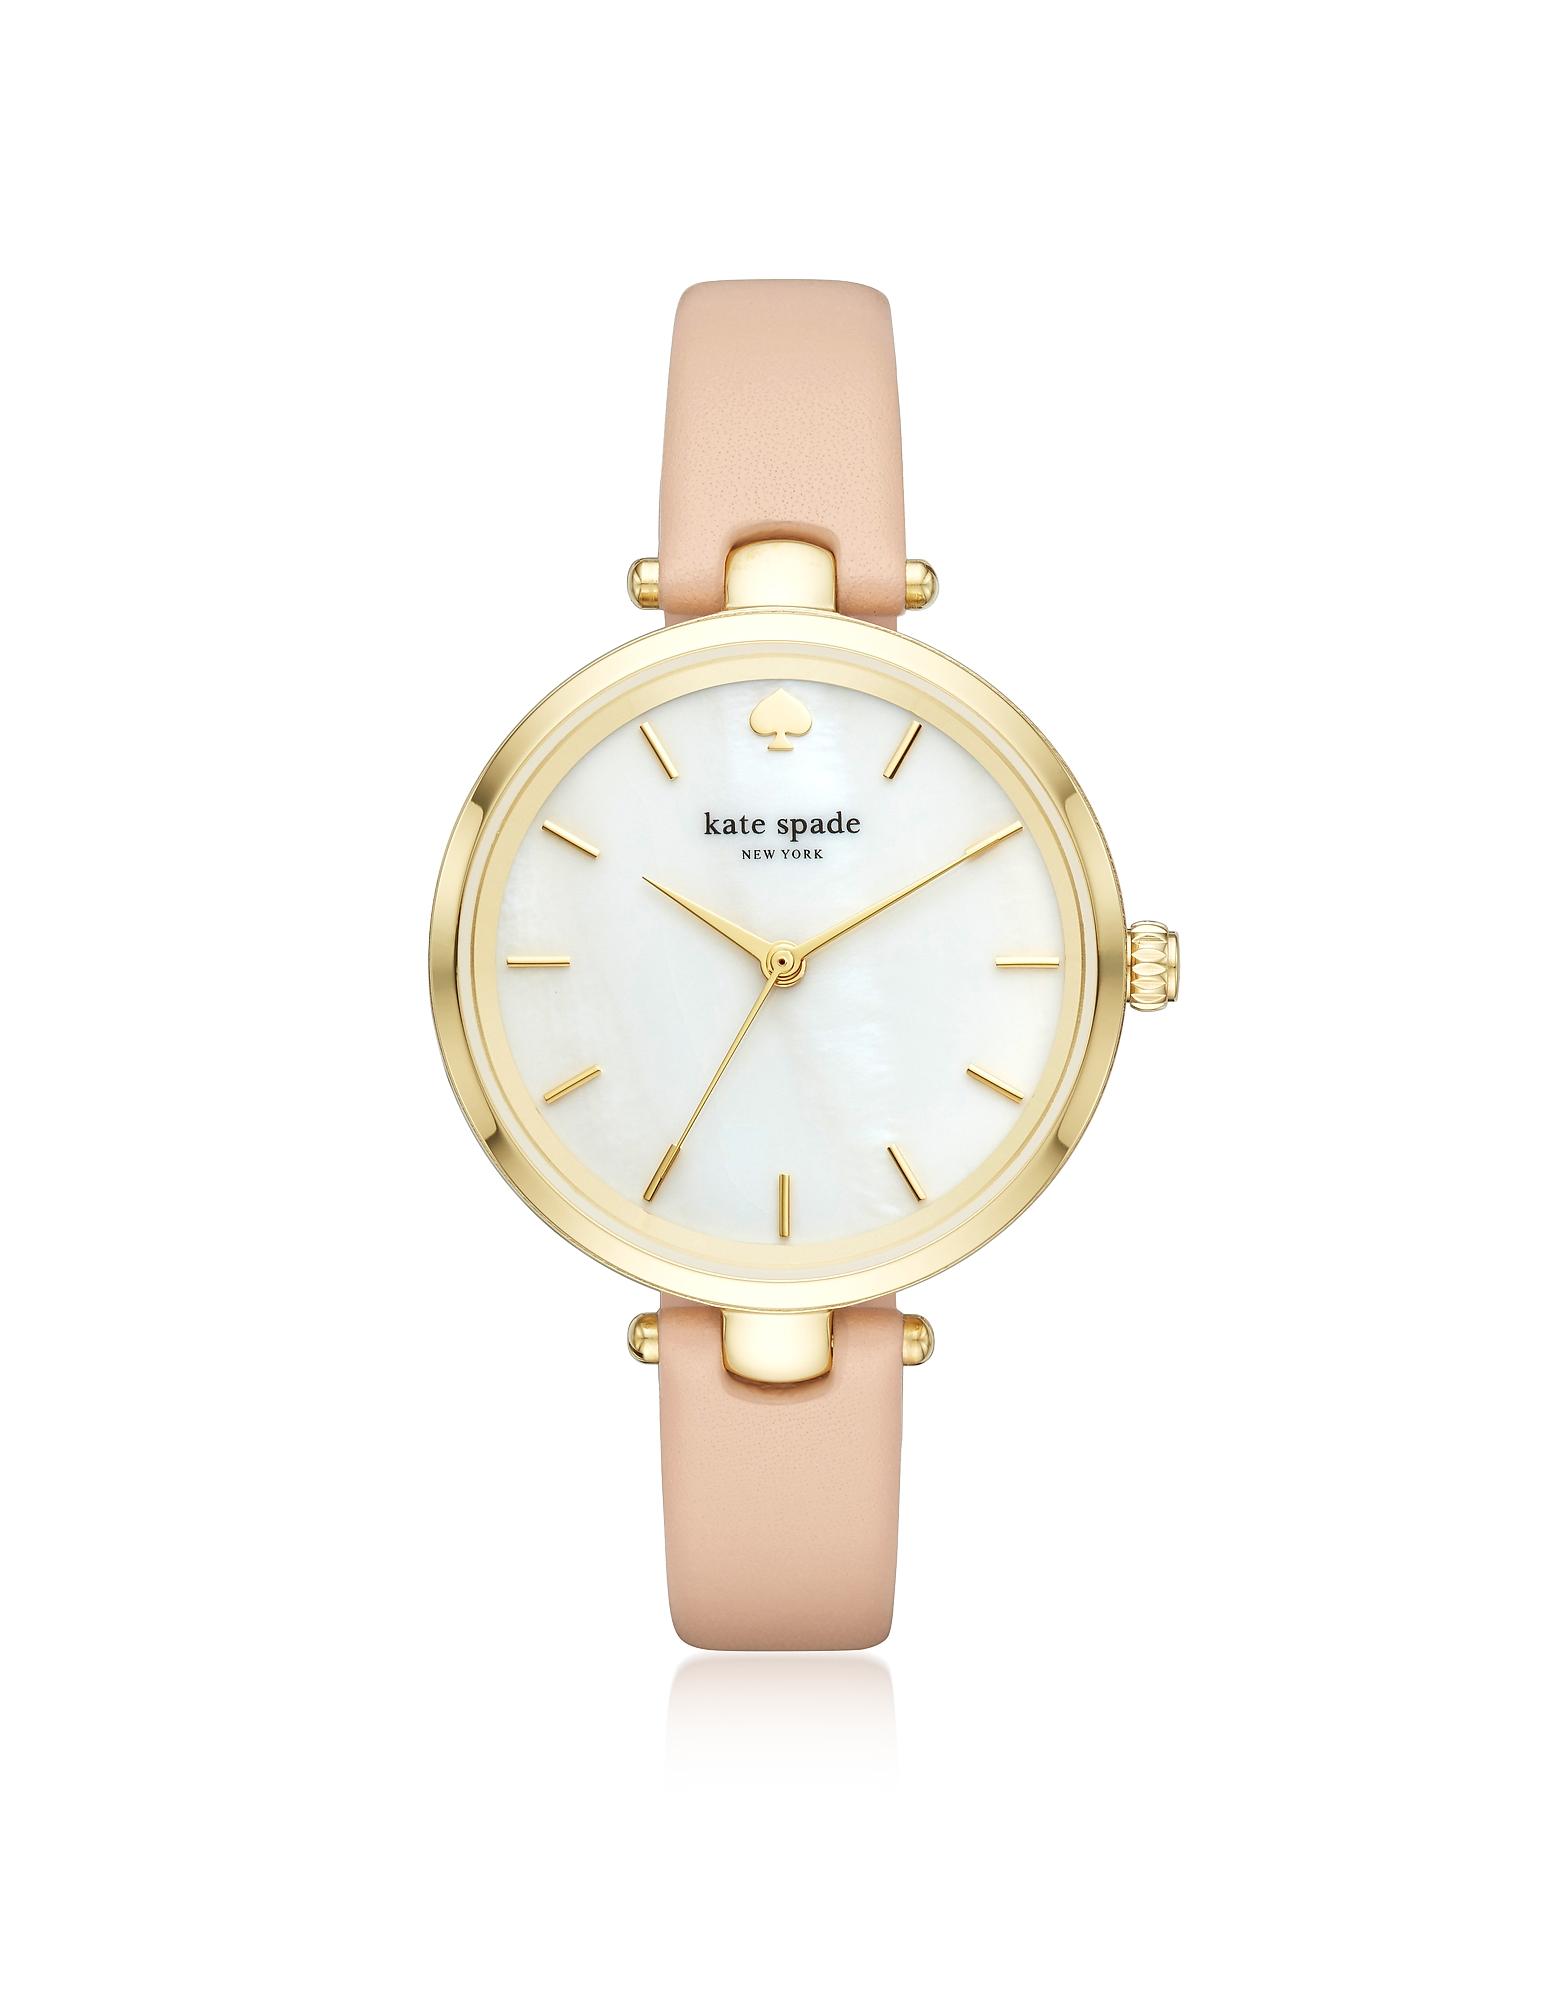 Женские Часы KSW1281 Holland Kate Spade New York